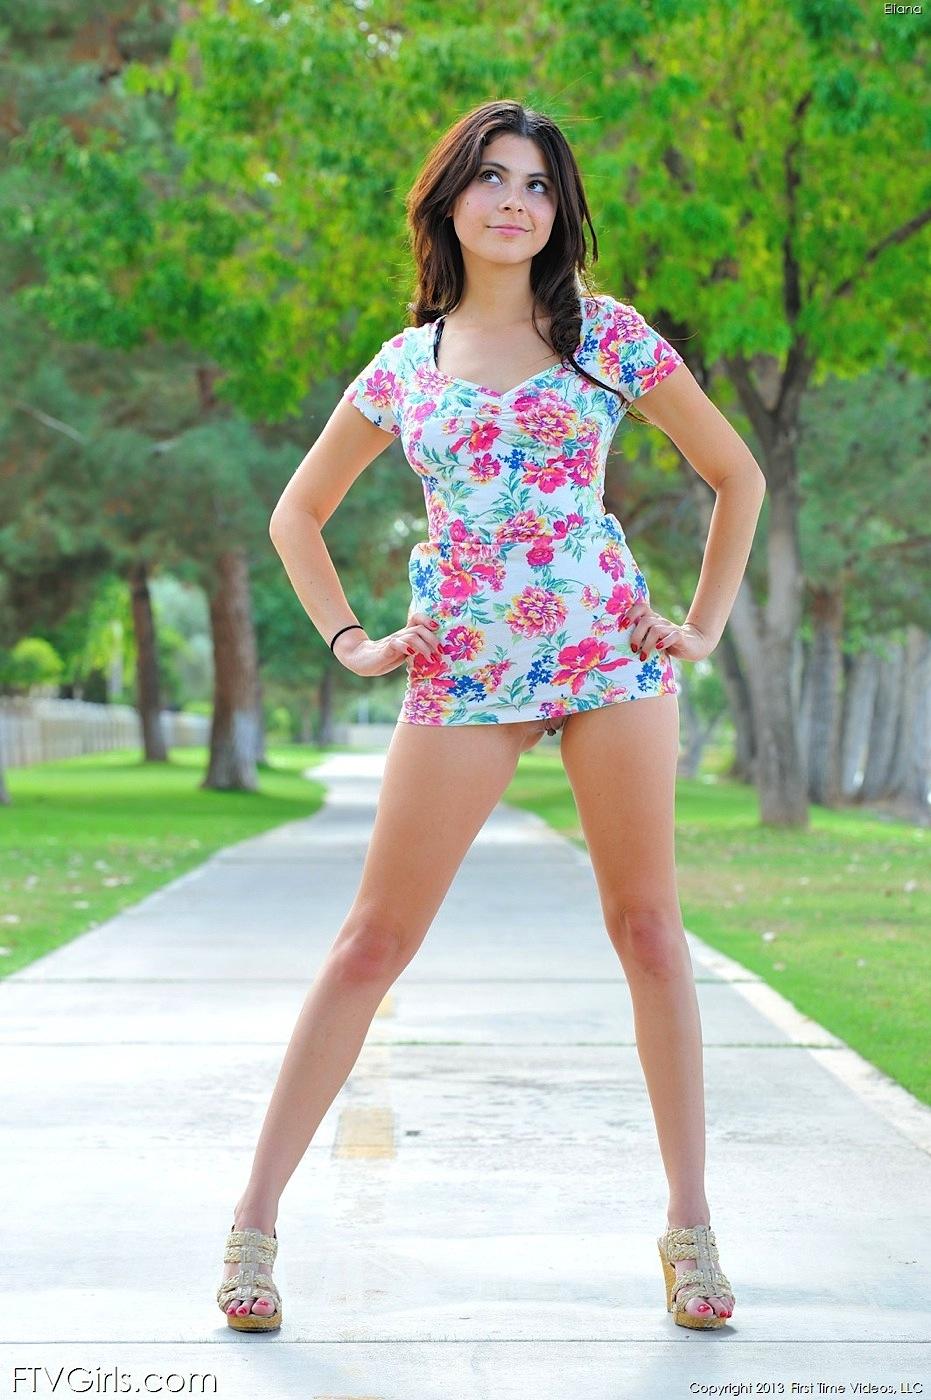 Bajo falda nena con rico calzon blanco disfrutalo y comenta - 2 part 9